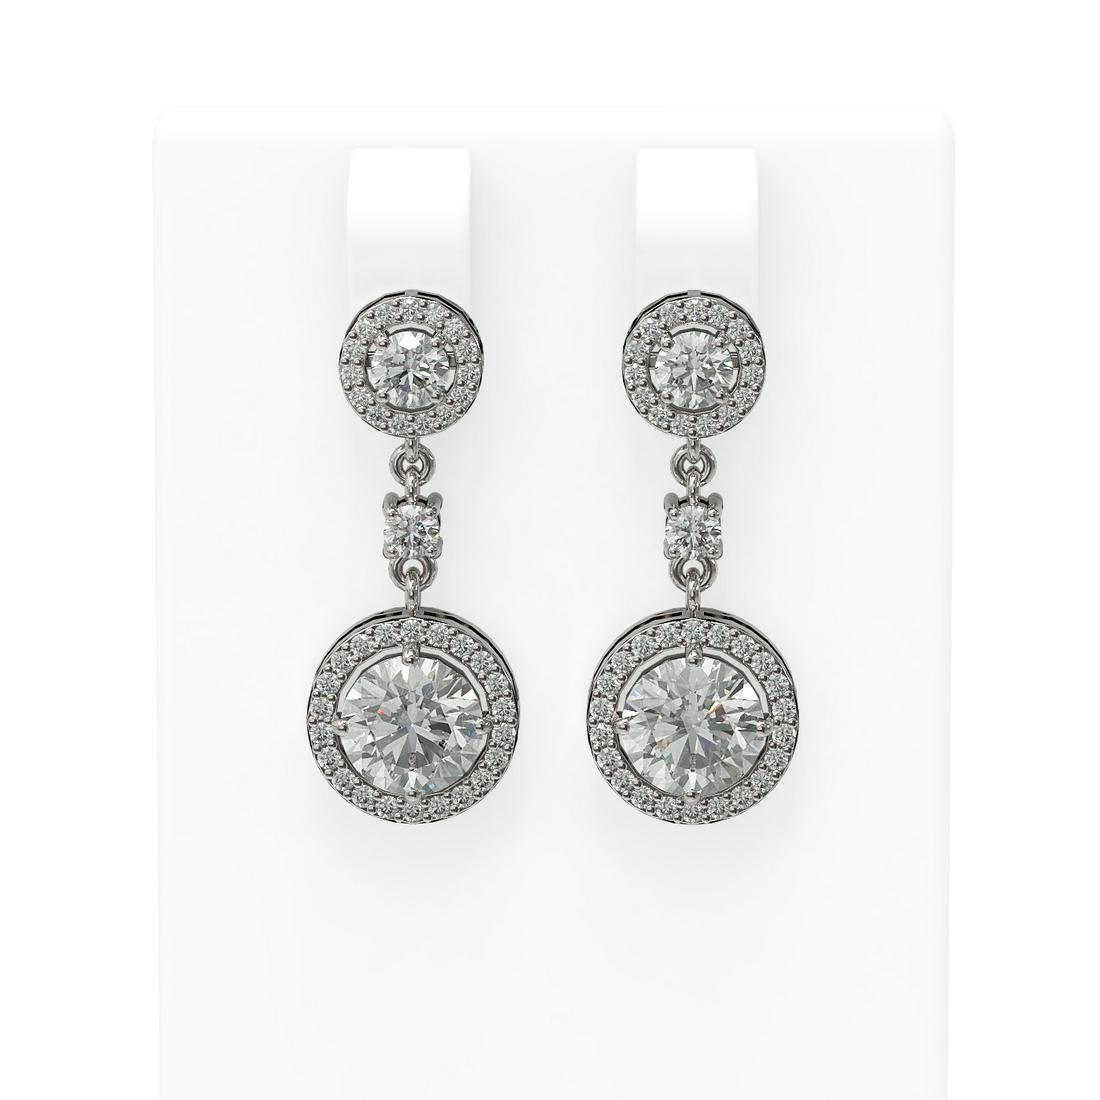 3.35 ctw Diamond Earrings 18K White Gold - REF-617Y5V